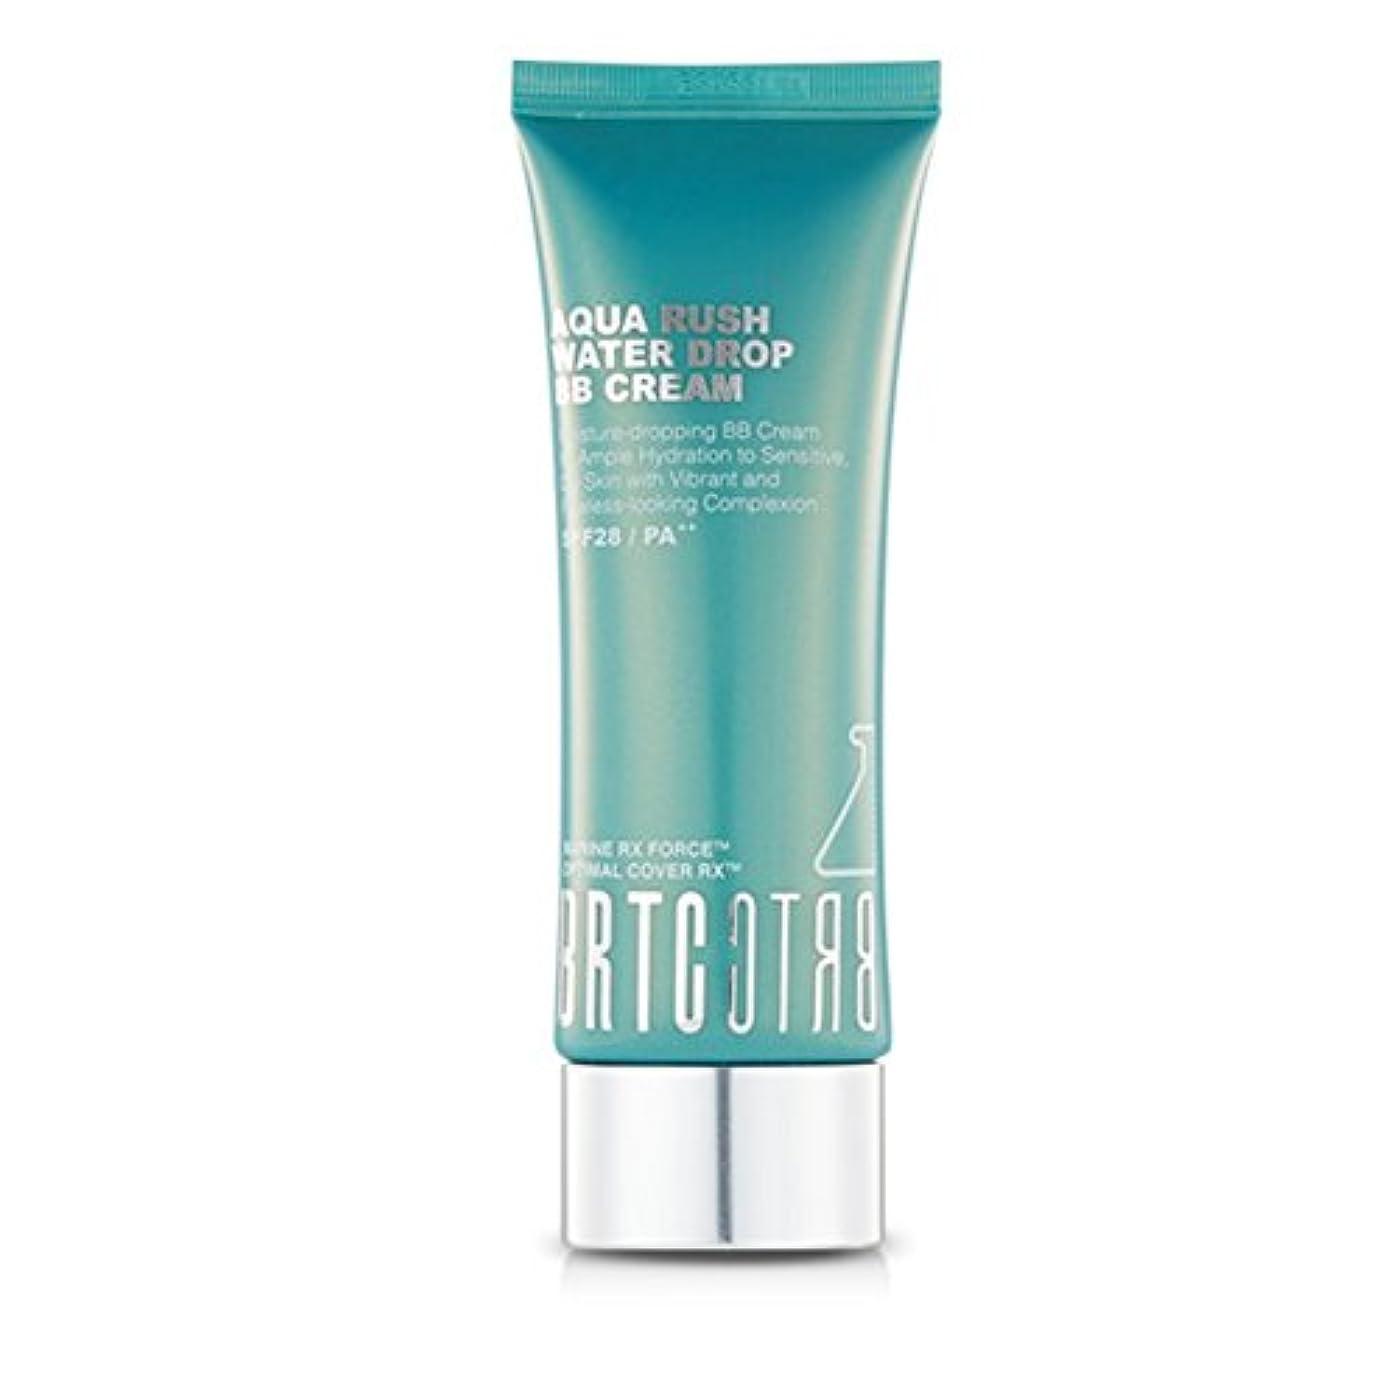 リスライン私の【BRTC/非アルティさん]韓国化粧品Aqua Rush Water Drop BB Cream/こすると水滴がソングルソングルミネラルBB/アクアラッシュウォータードロップBBクリーム60g(海外直送品)